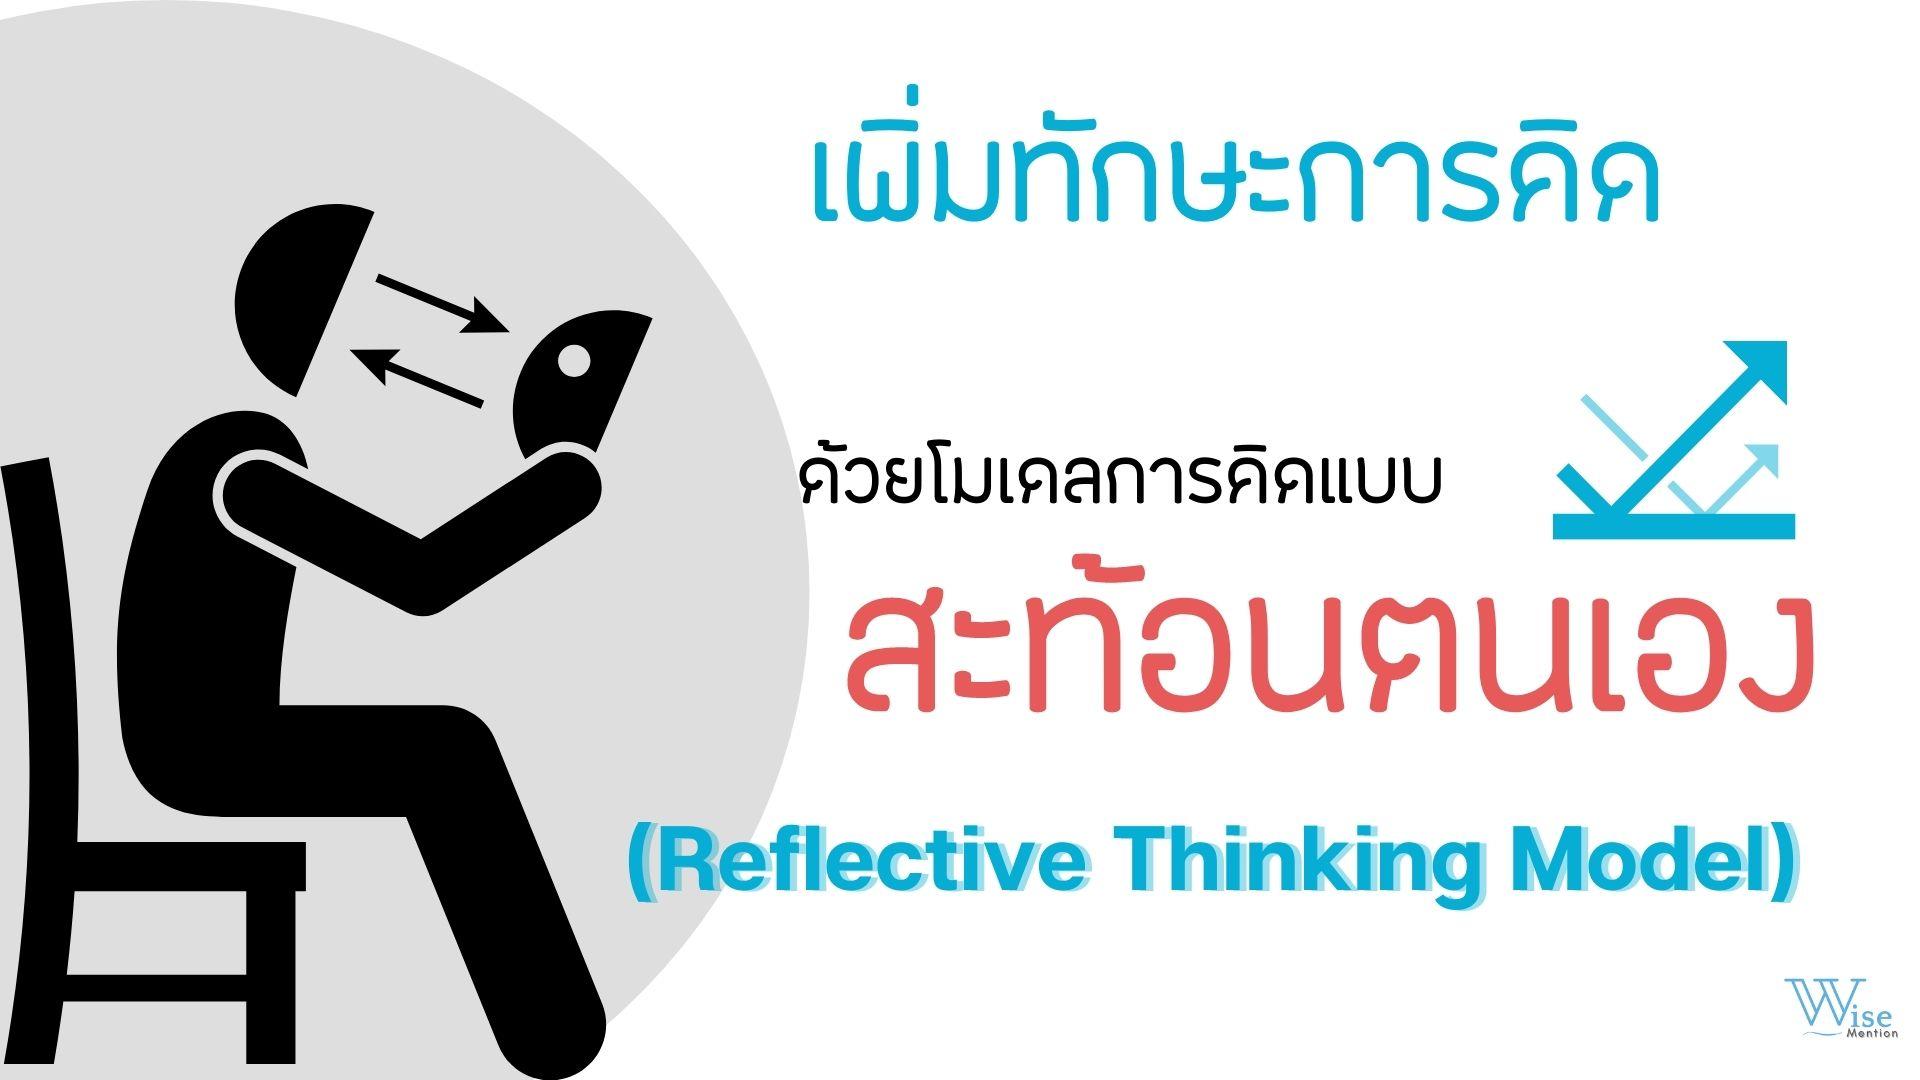 เพิ่มทักษะการคิดด้วยโมเดลการสะท้อนคิด (Reflective thinking model)